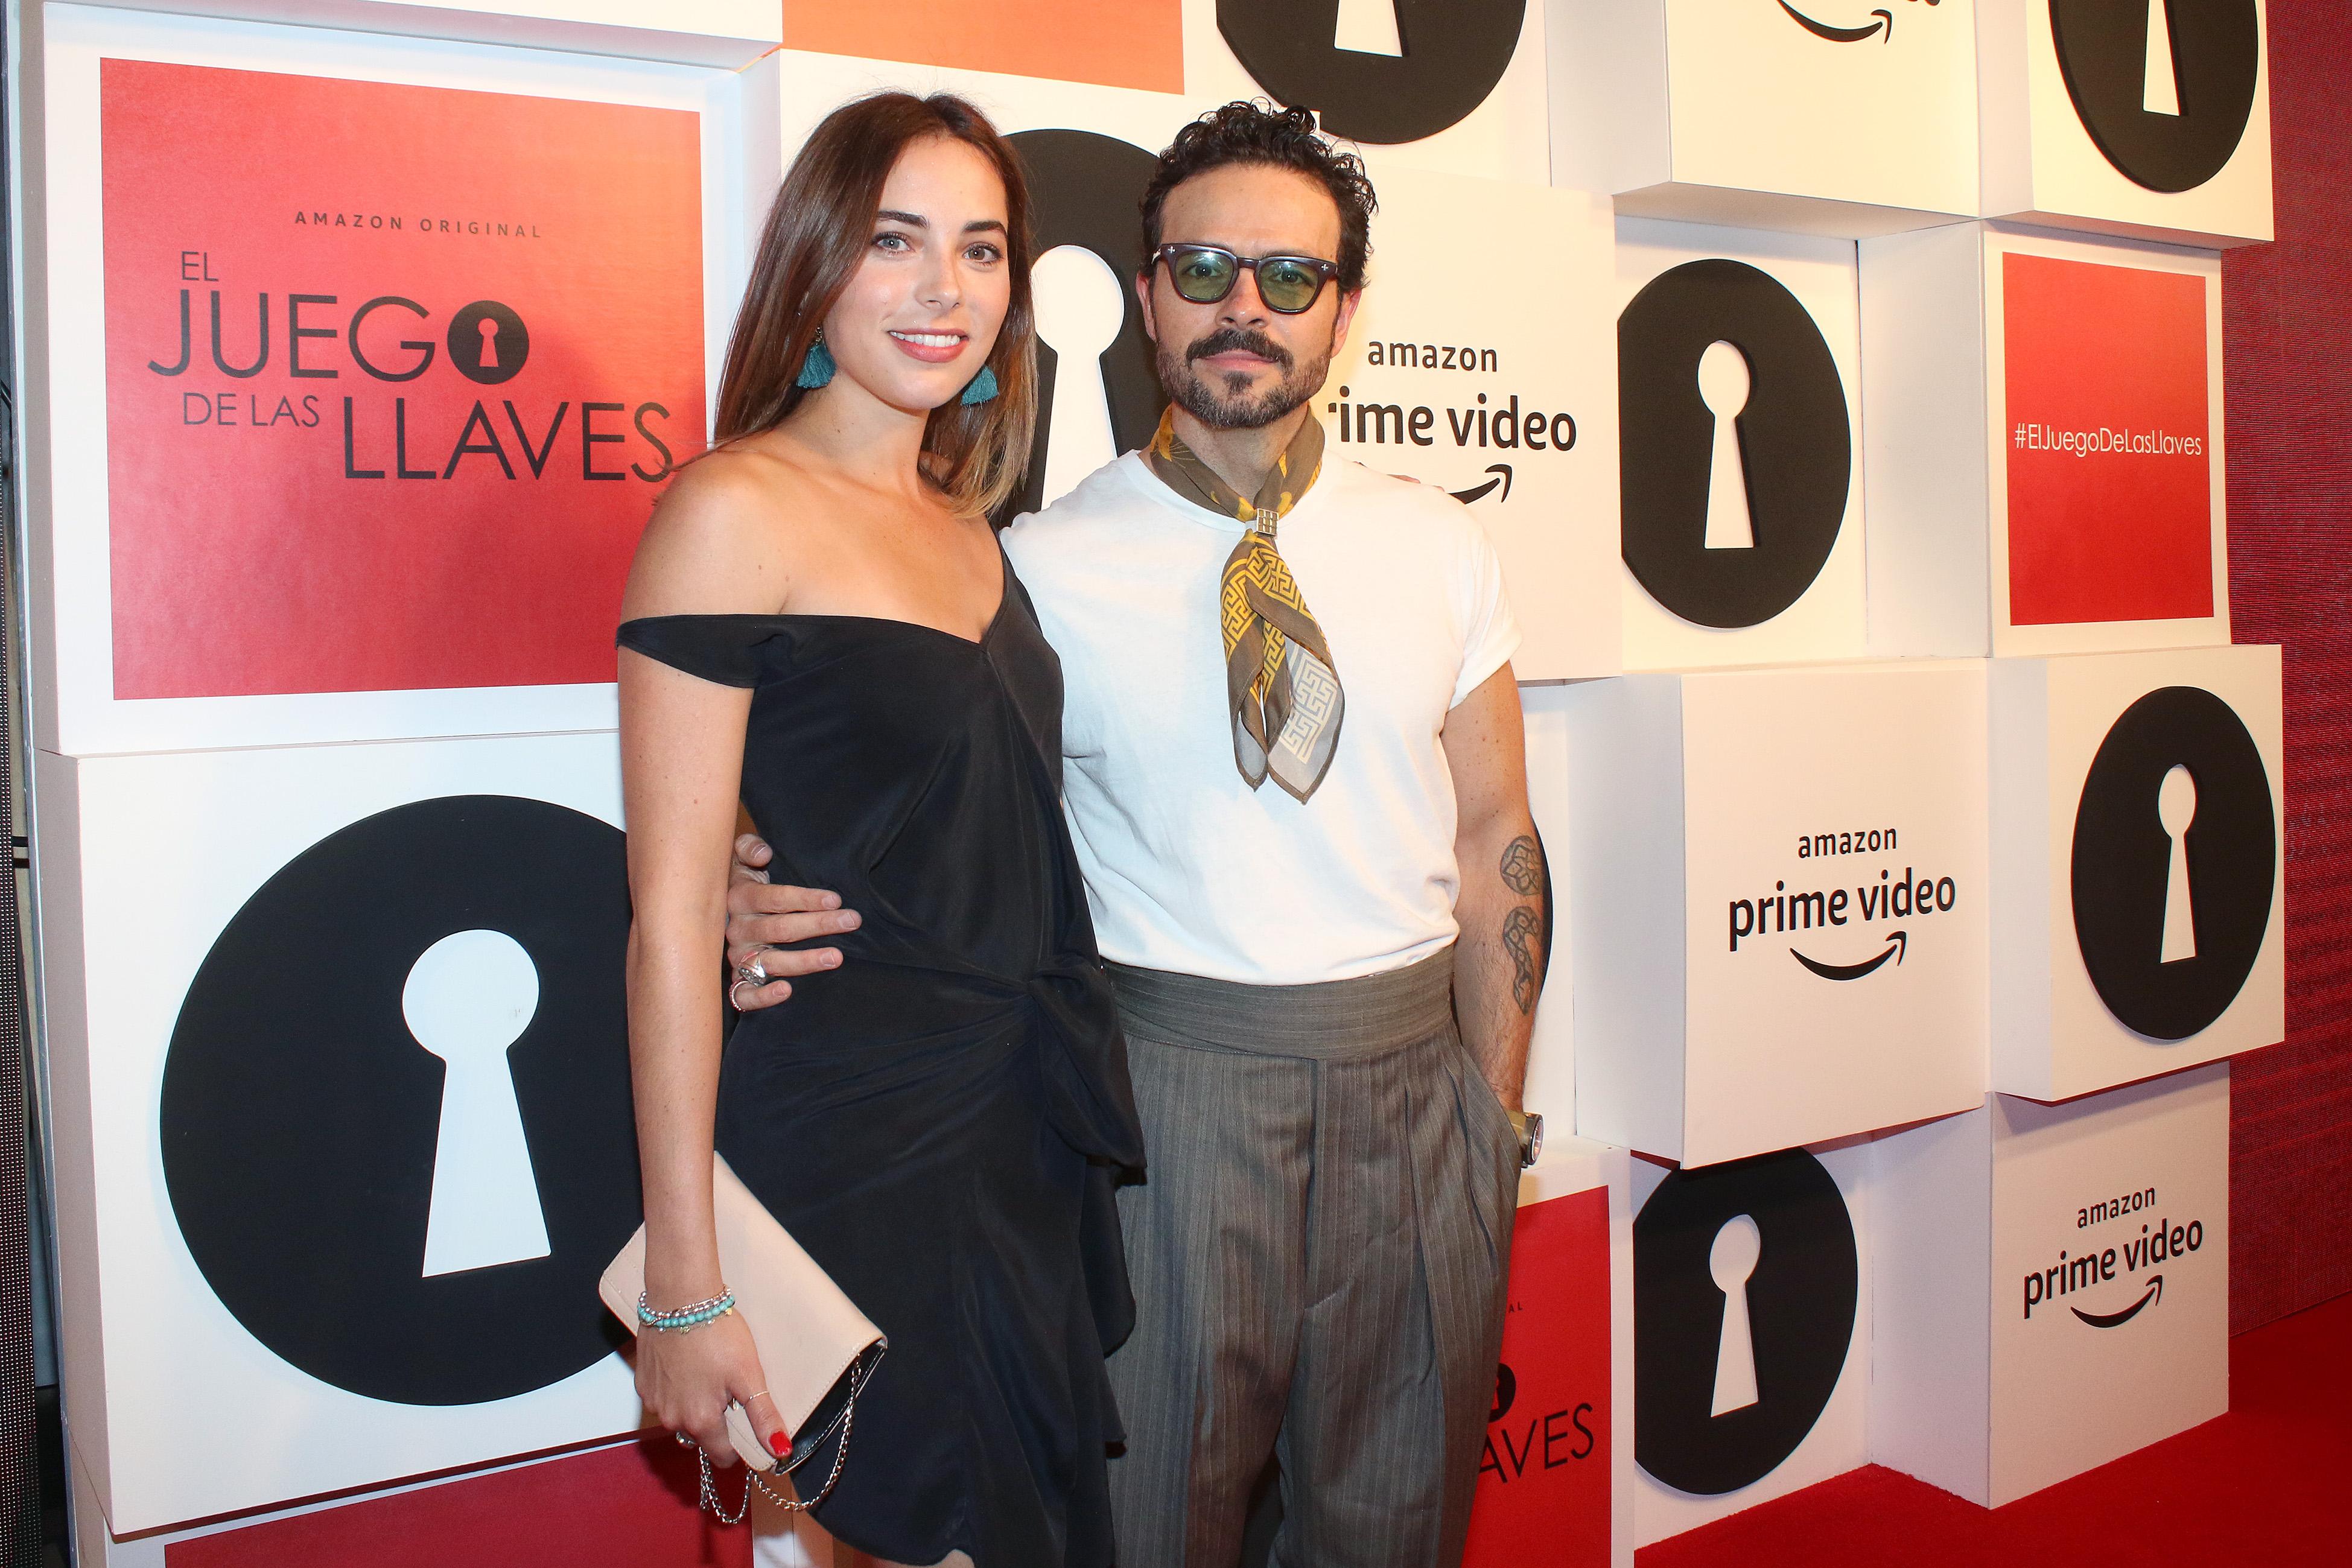 Mariel Molino y José María Torre premiere El juego de las llaves